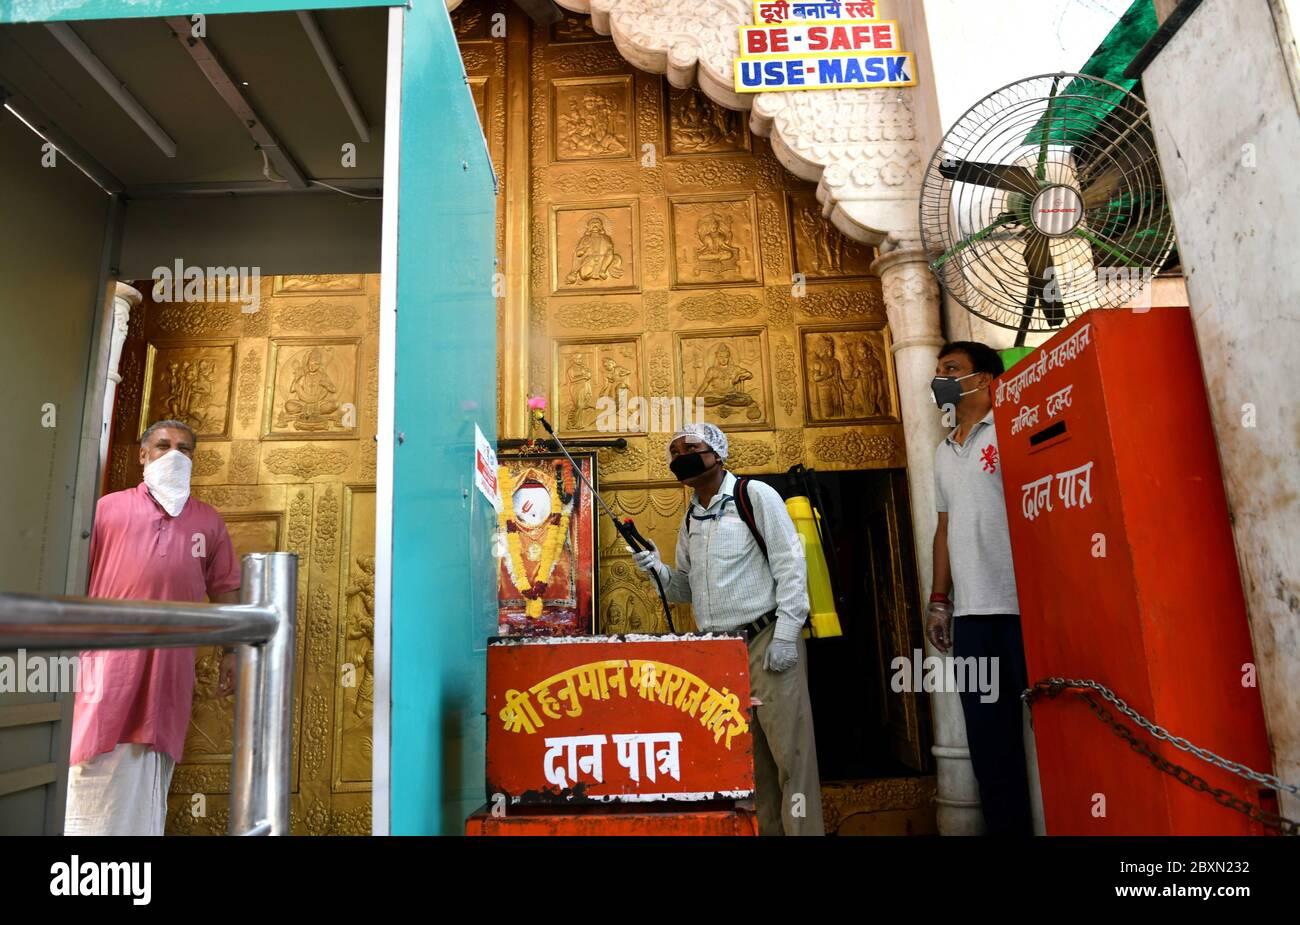 """(200608) -- NUEVA DELHI, 8 de junio de 2020 (Xinhua) -- los miembros del personal desinfectan el Templo de Lord Hanuman para prepararlo para reabrir en Cannaught Place en Nueva Delhi, India, 6 de junio de 2020. La gente se metió en lugares de culto como templos, mezquitas, iglesias y gurudwara (para la comunidad sikh) en la India el lunes, cuando los lugares religiosos reabrieron en muchos estados después de 76 días de encierro debido a COVID-19. La reapertura de lugares religiosos fue permitida por nuevas directrices emitidas por el gobierno federal el 4 de junio, que declaraban """"lugares religiosos o lugares de culto para el público en las zonas de contención shal Foto de stock"""